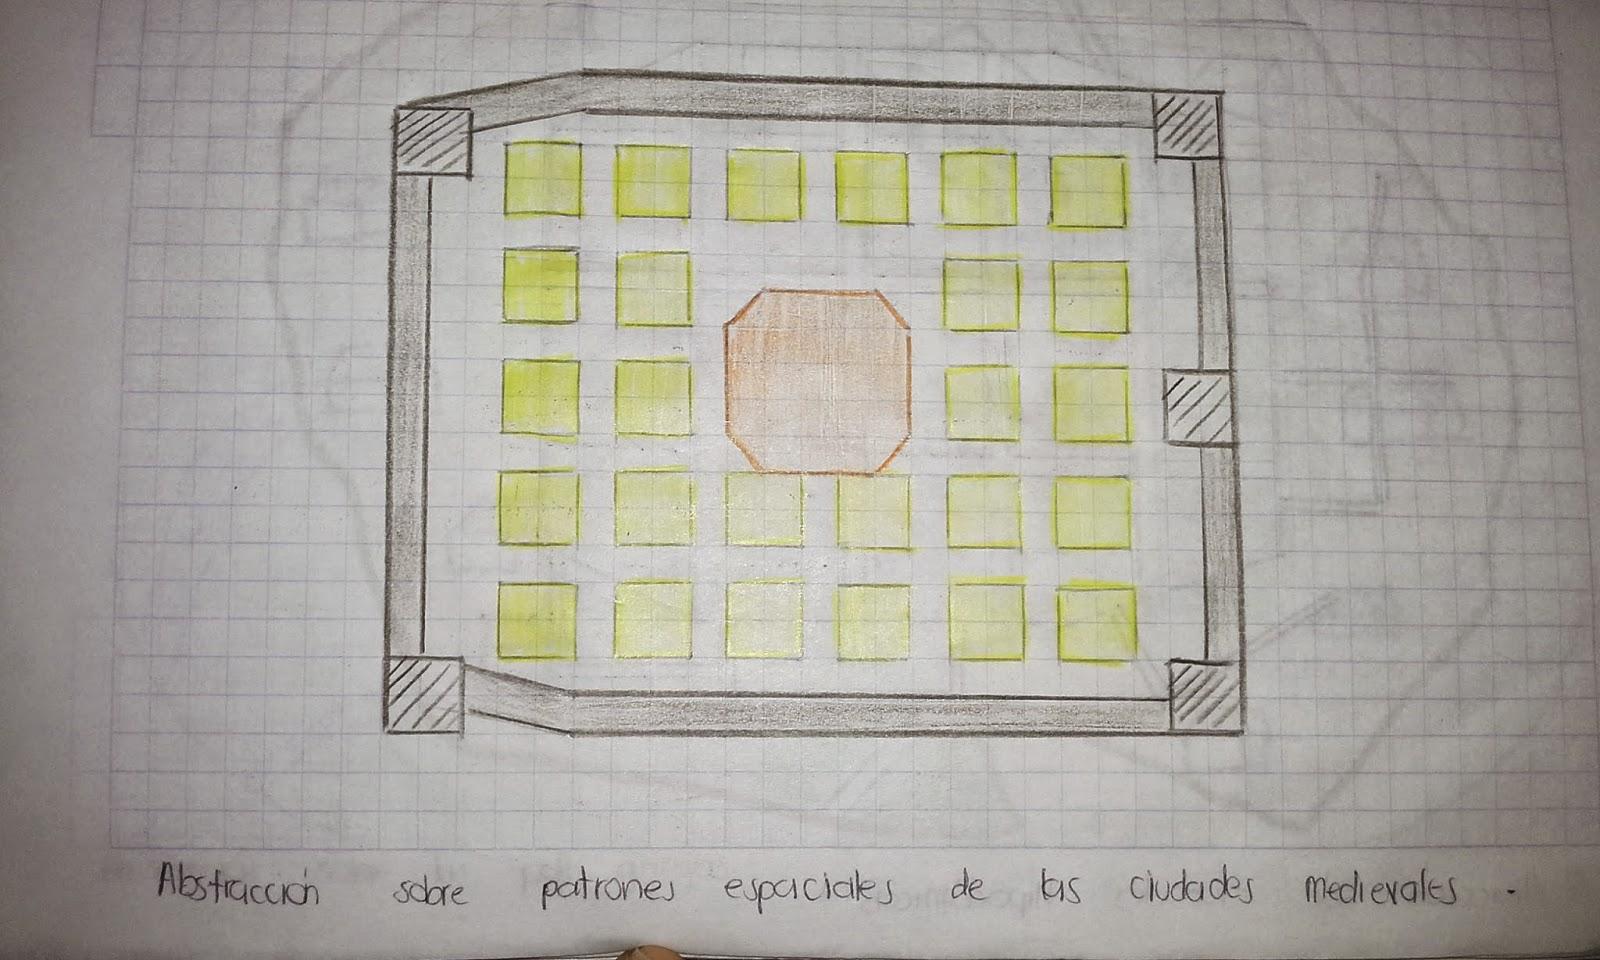 Urbanismo I Formas y Patrones Urbanos: Renacimiento